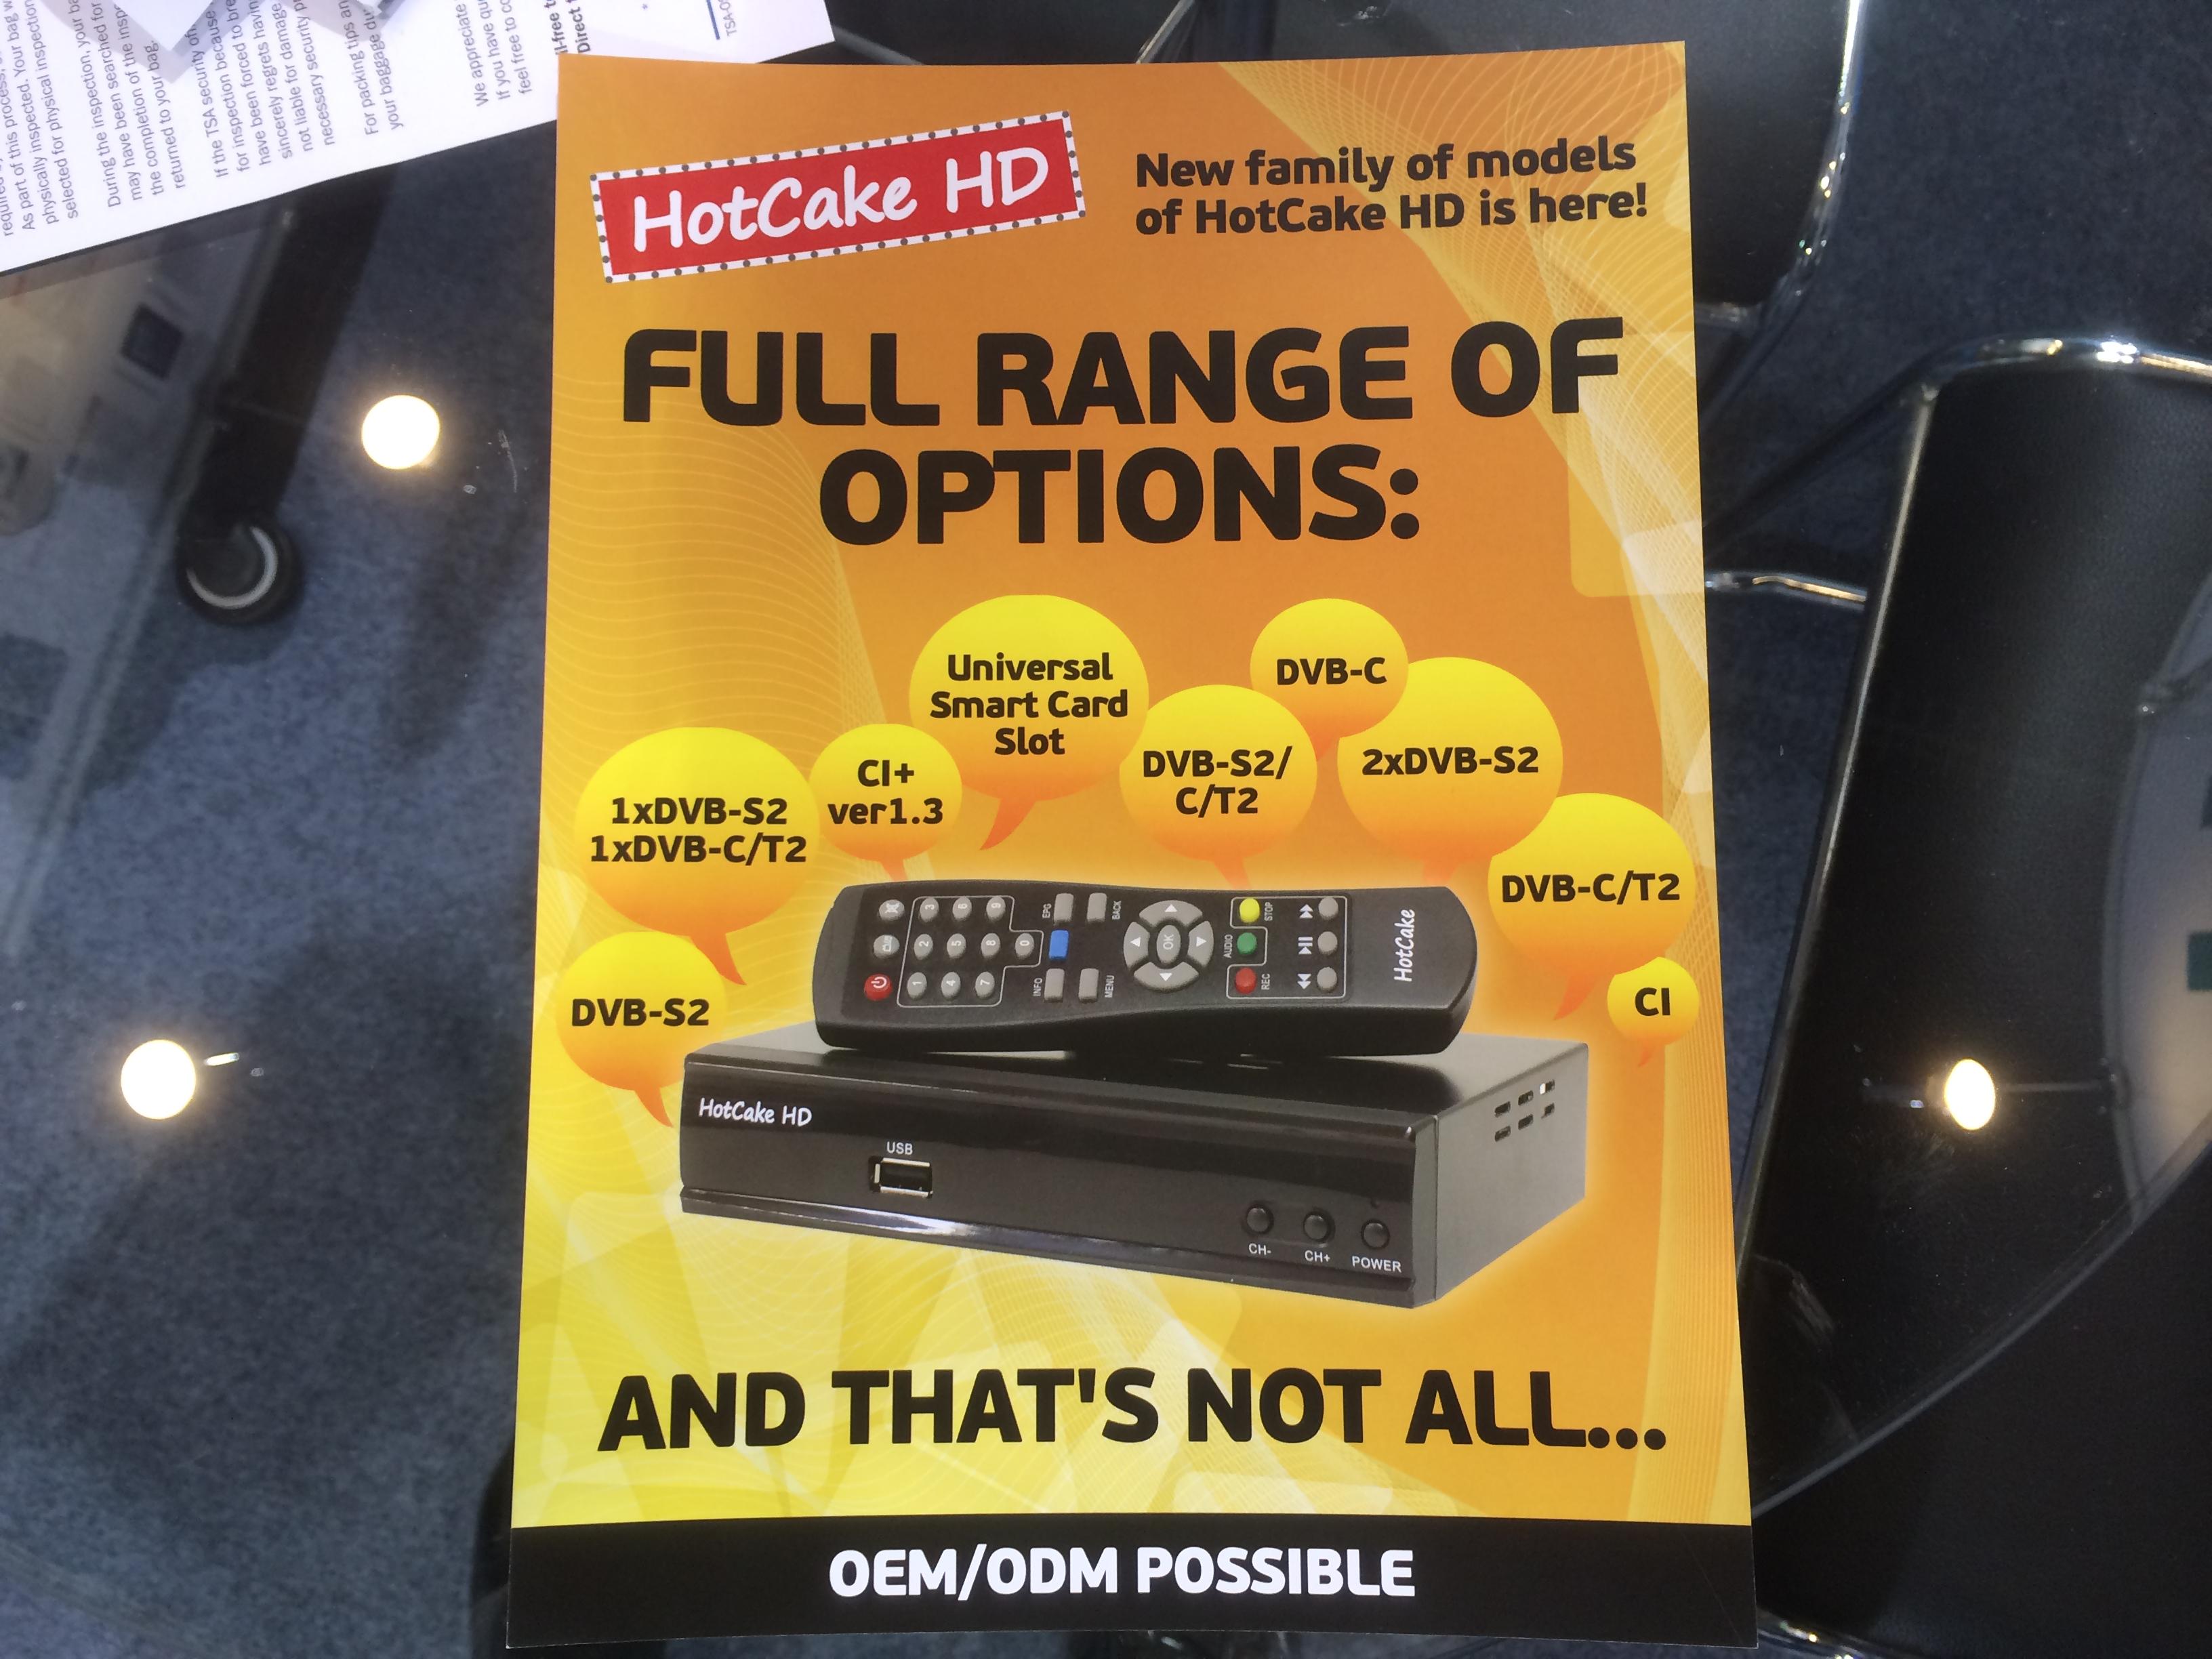 Реклама нового поколения ресиверов HotCake HD на выставке CES 2014